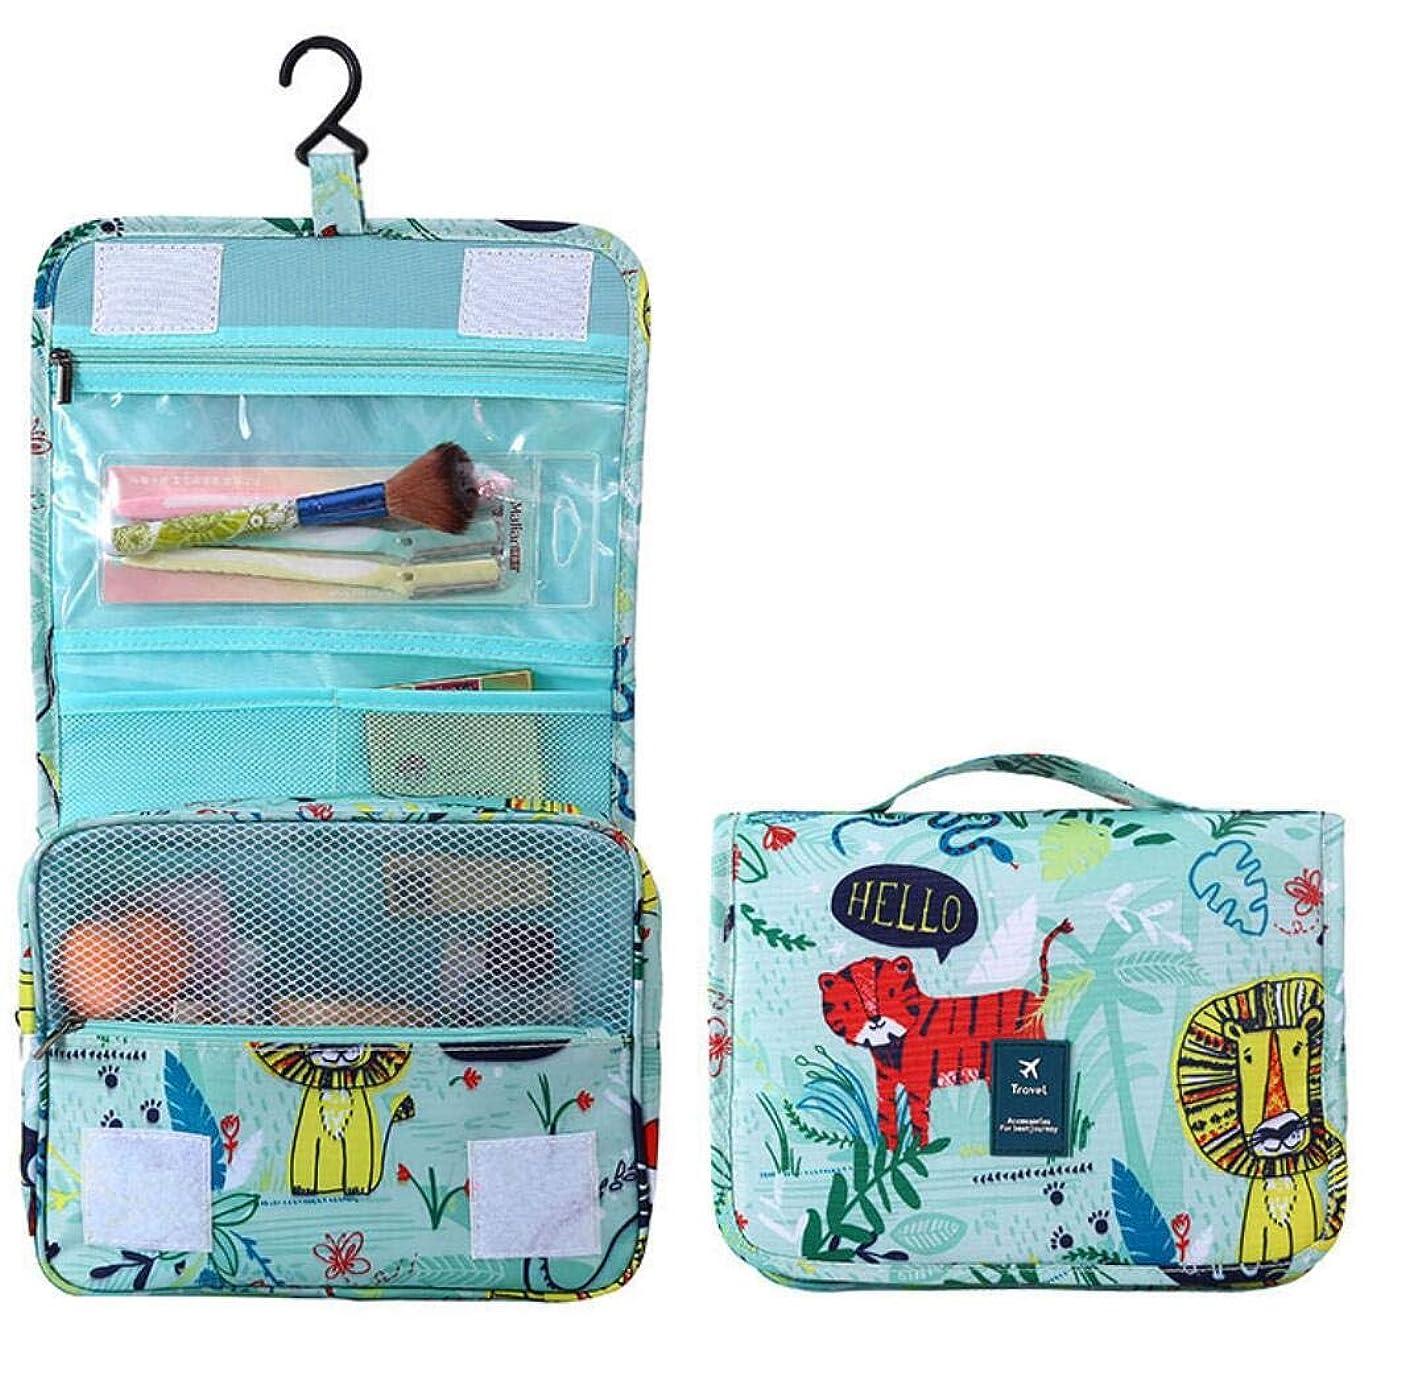 開拓者想起シェア化粧品袋、ウォッシュバッグ、トラベルバッグ、洗顔、収納、浴室収納バッグ、ぶら下げ、小物、収納、パッキングバッグ、旅行、海外、旅行用品、育児用品